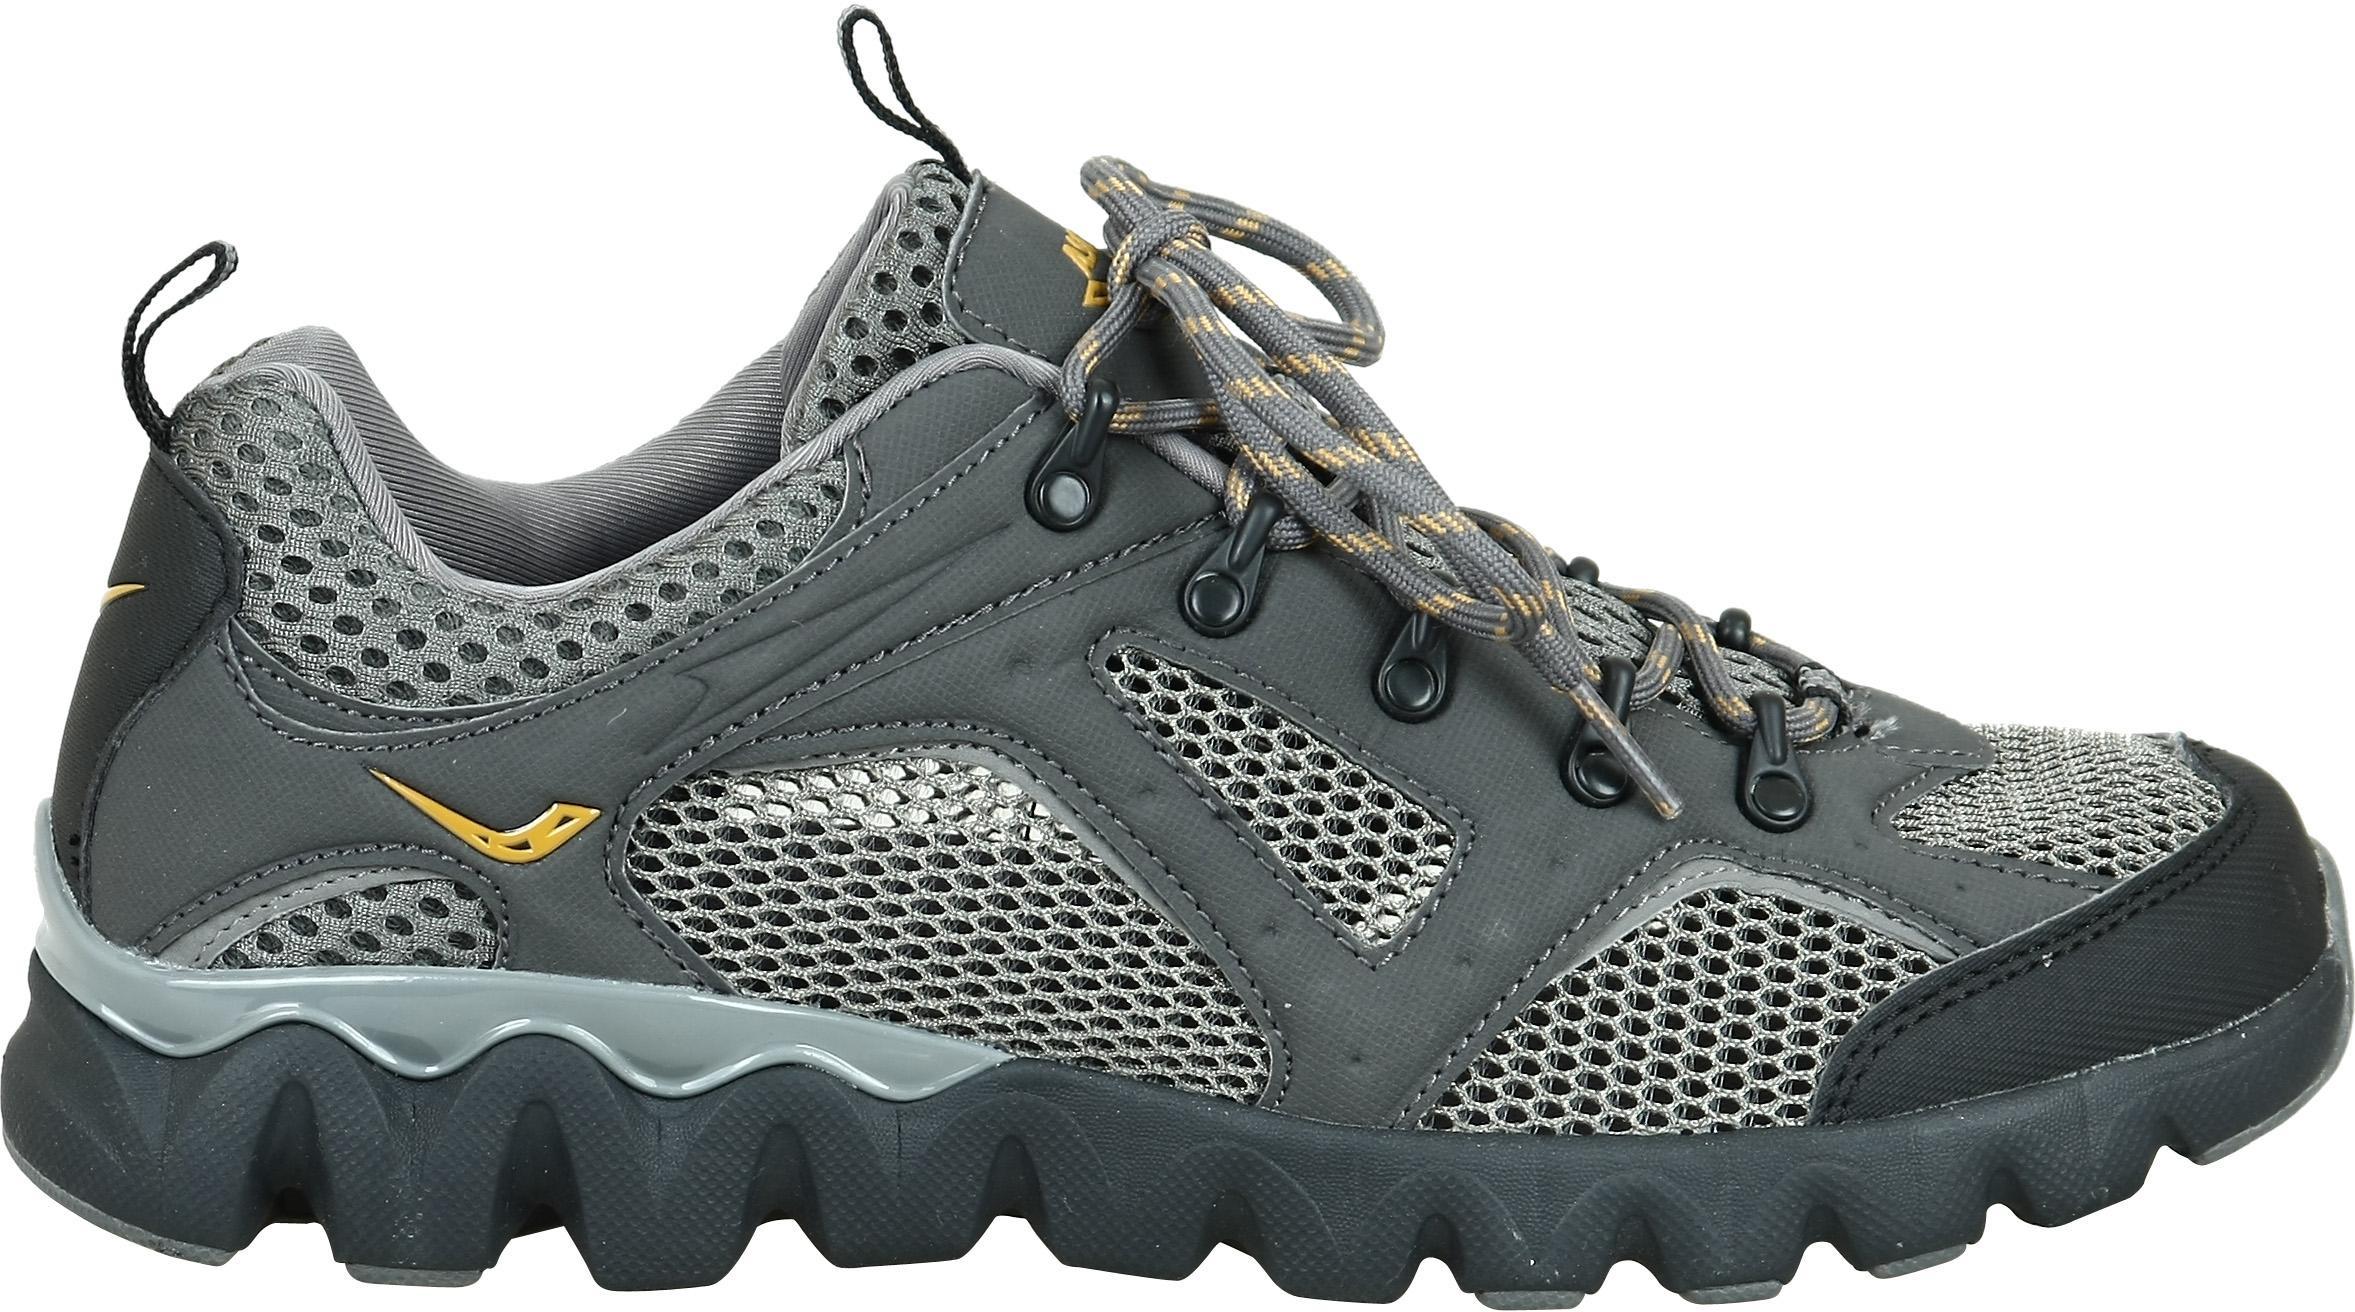 Пришивания язычка зимних кроссовках позволяет предотвращать попадание влаги внутрь обуви